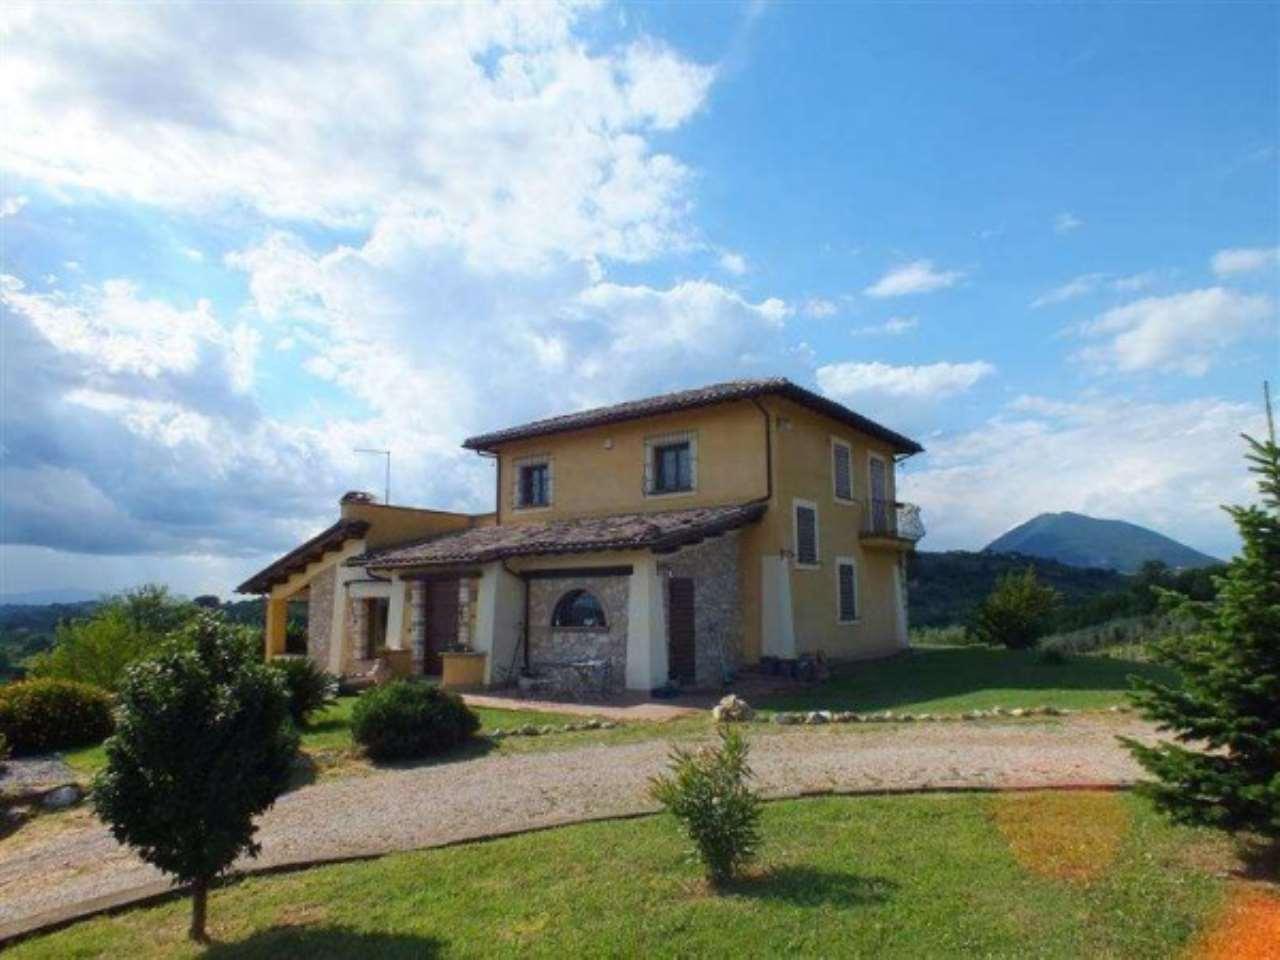 Villa in vendita a Casperia, 6 locali, prezzo € 550.000 | Cambio Casa.it